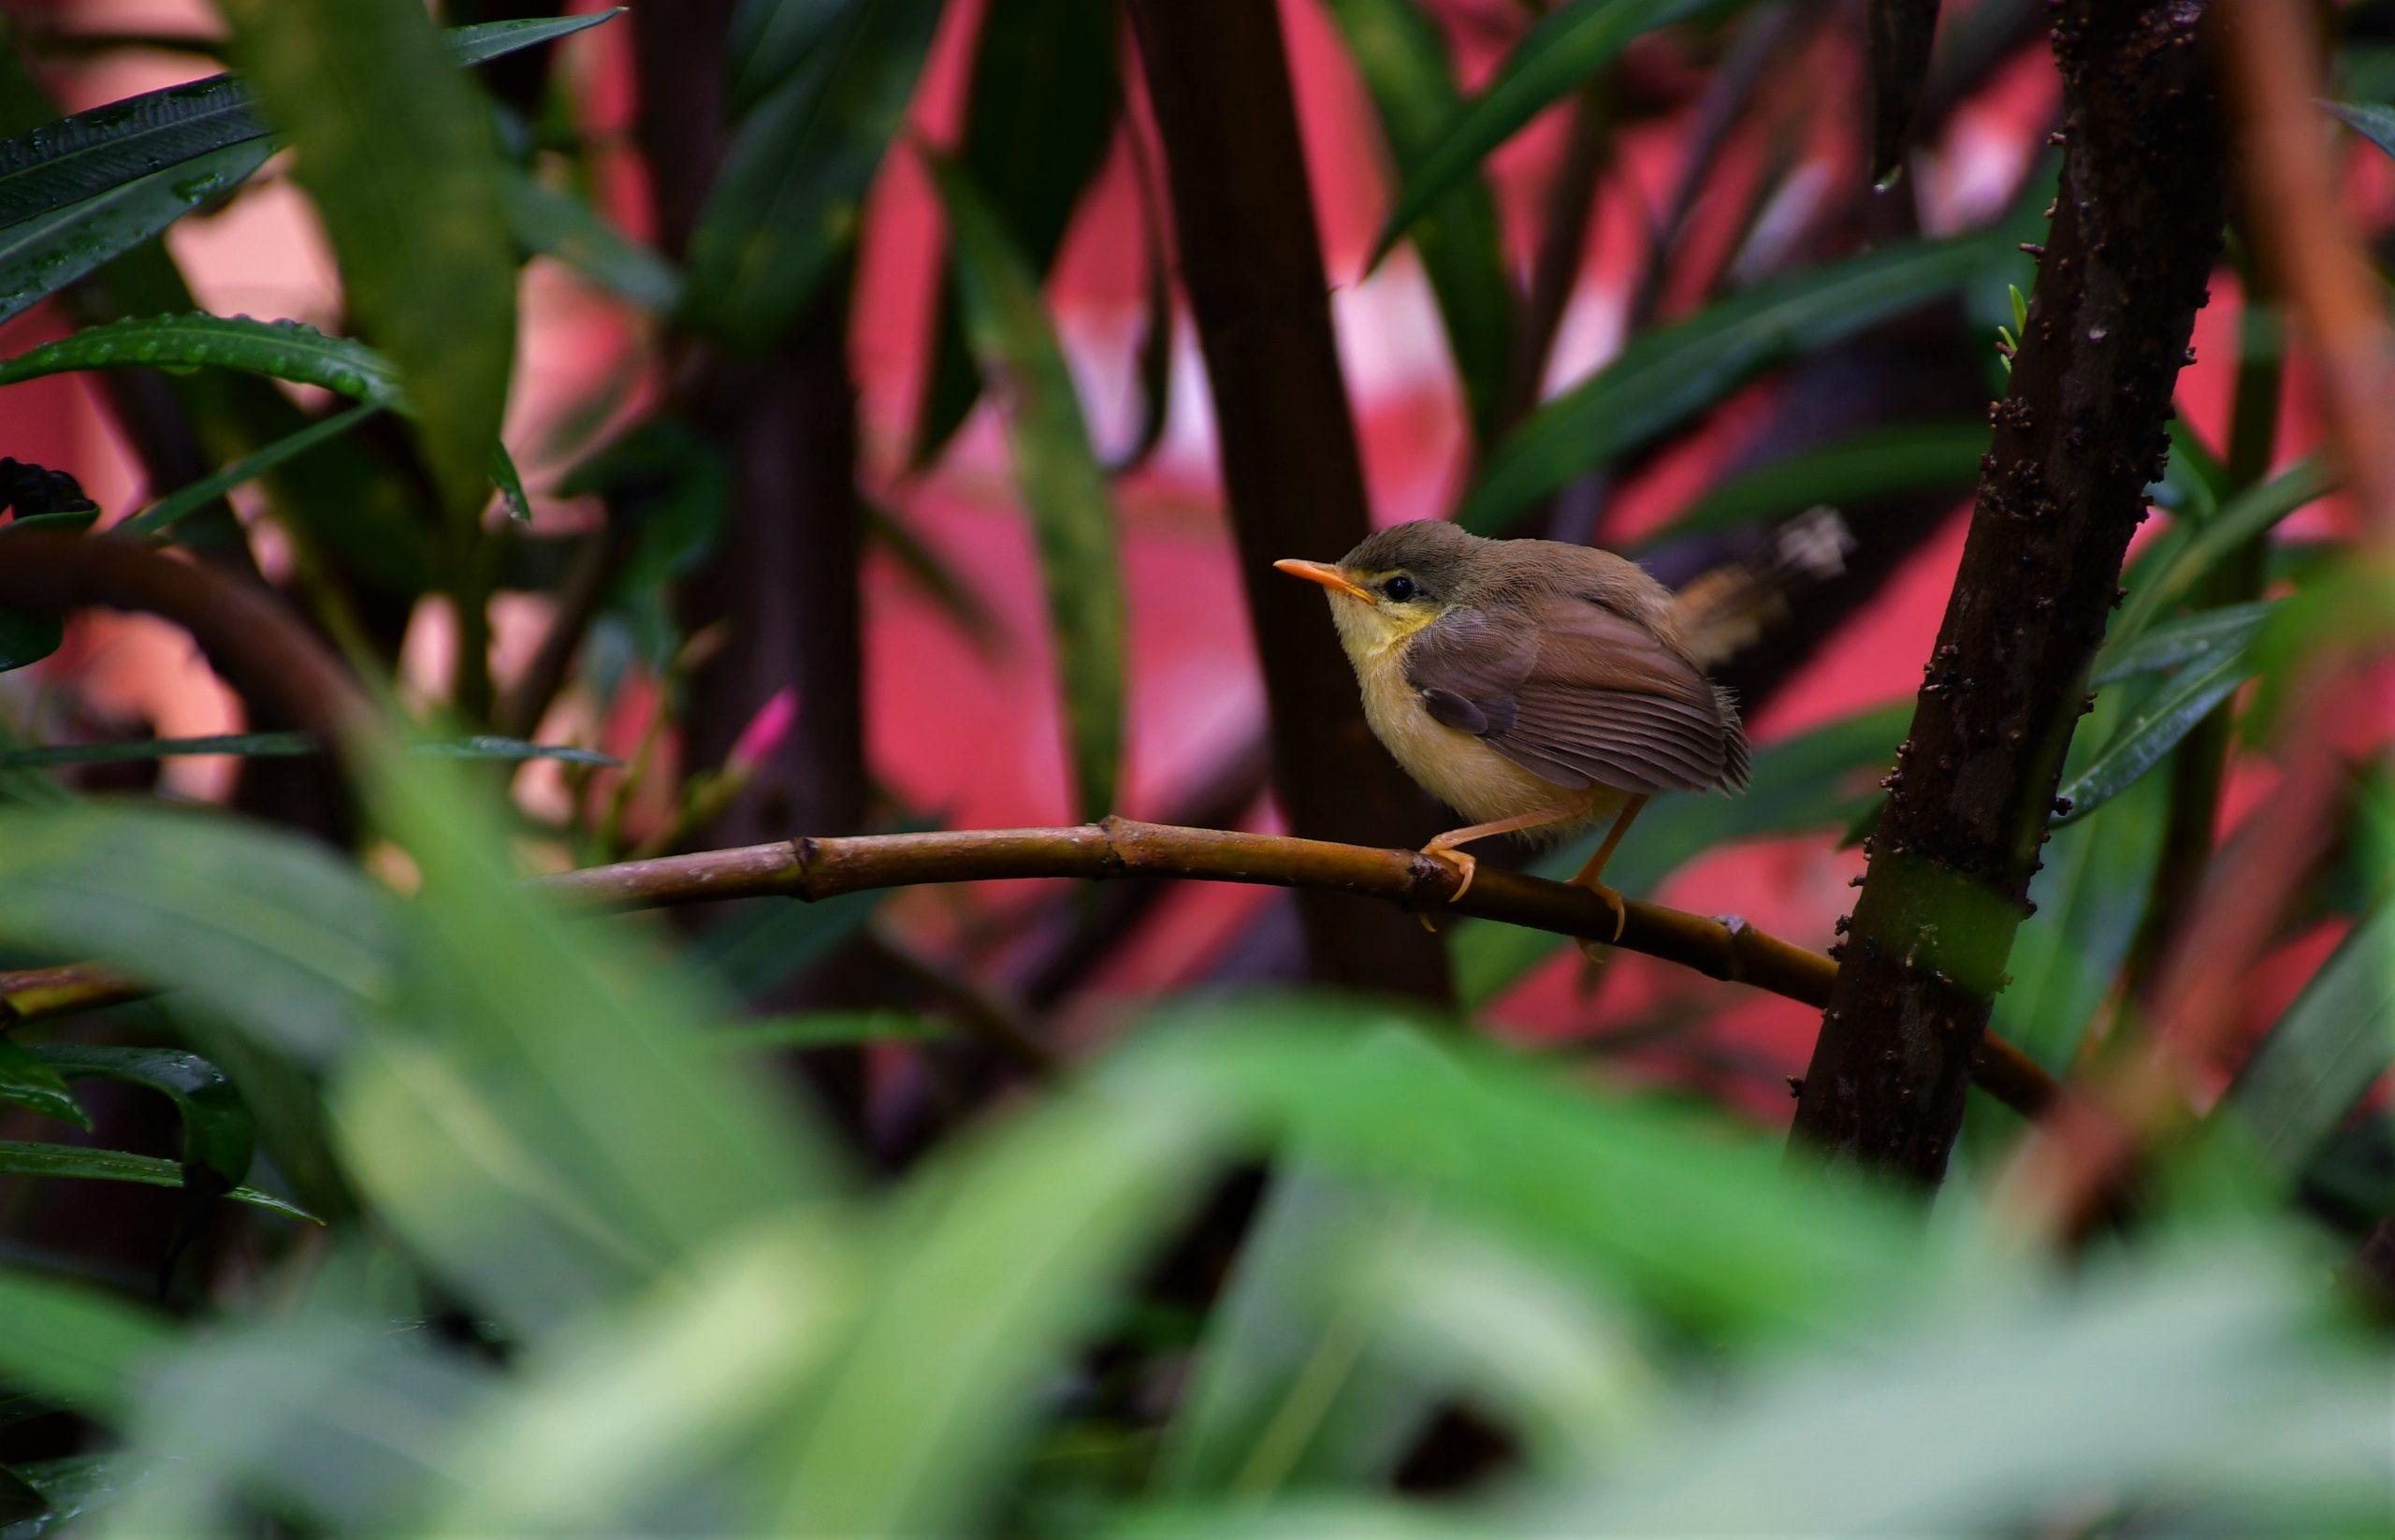 Ashy Prinia bird fledgling